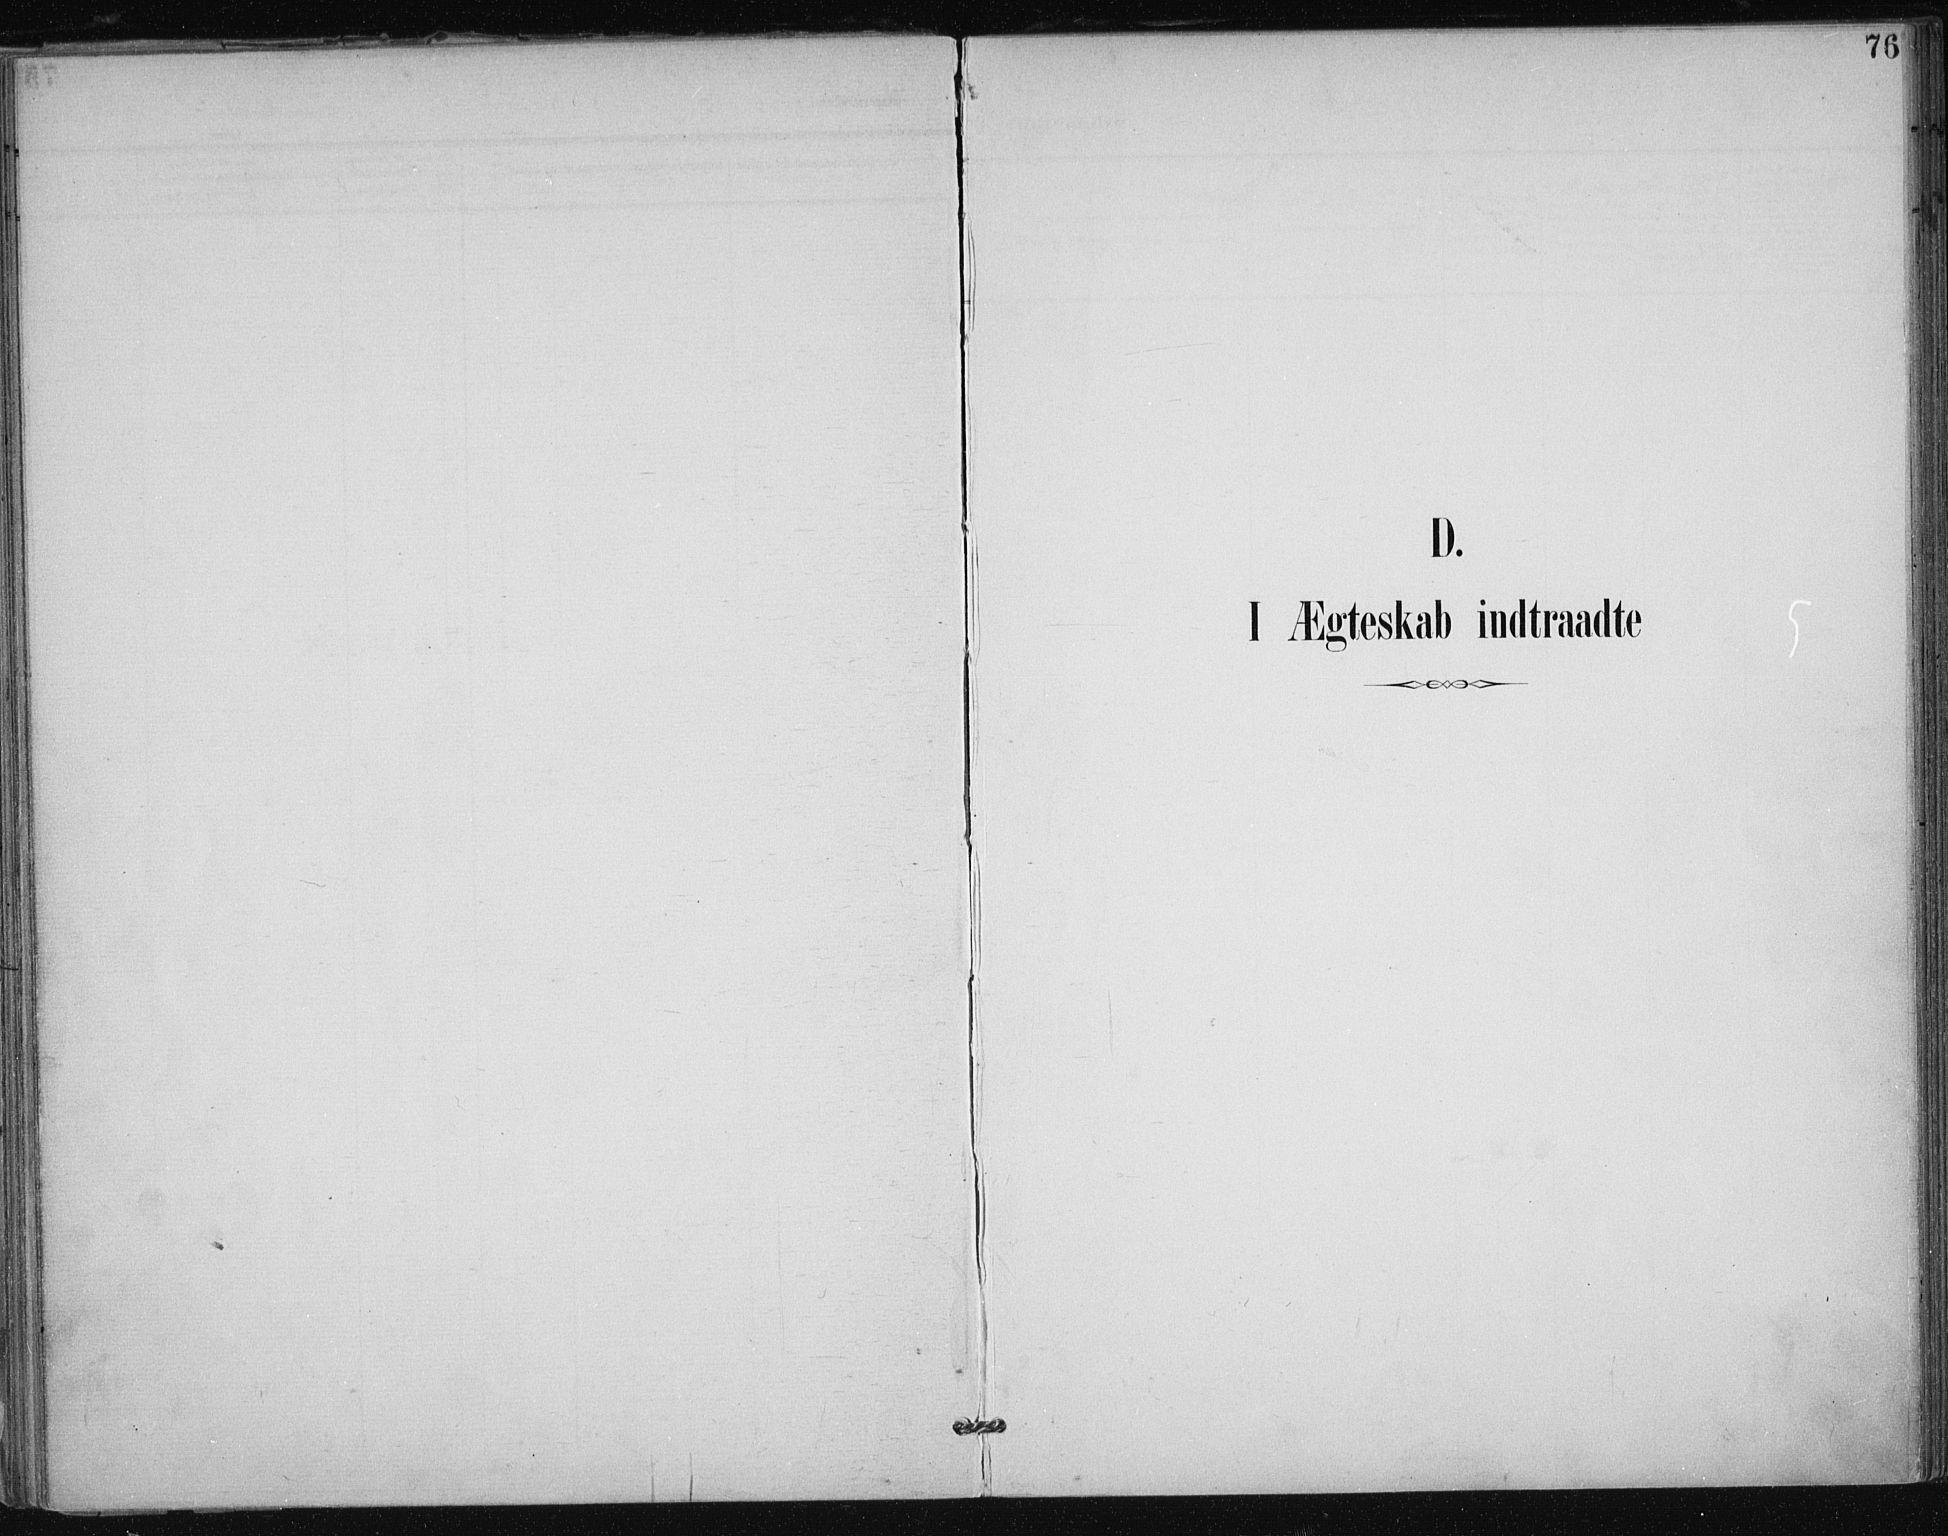 SAT, Ministerialprotokoller, klokkerbøker og fødselsregistre - Sør-Trøndelag, 612/L0380: Ministerialbok nr. 612A12, 1898-1907, s. 76